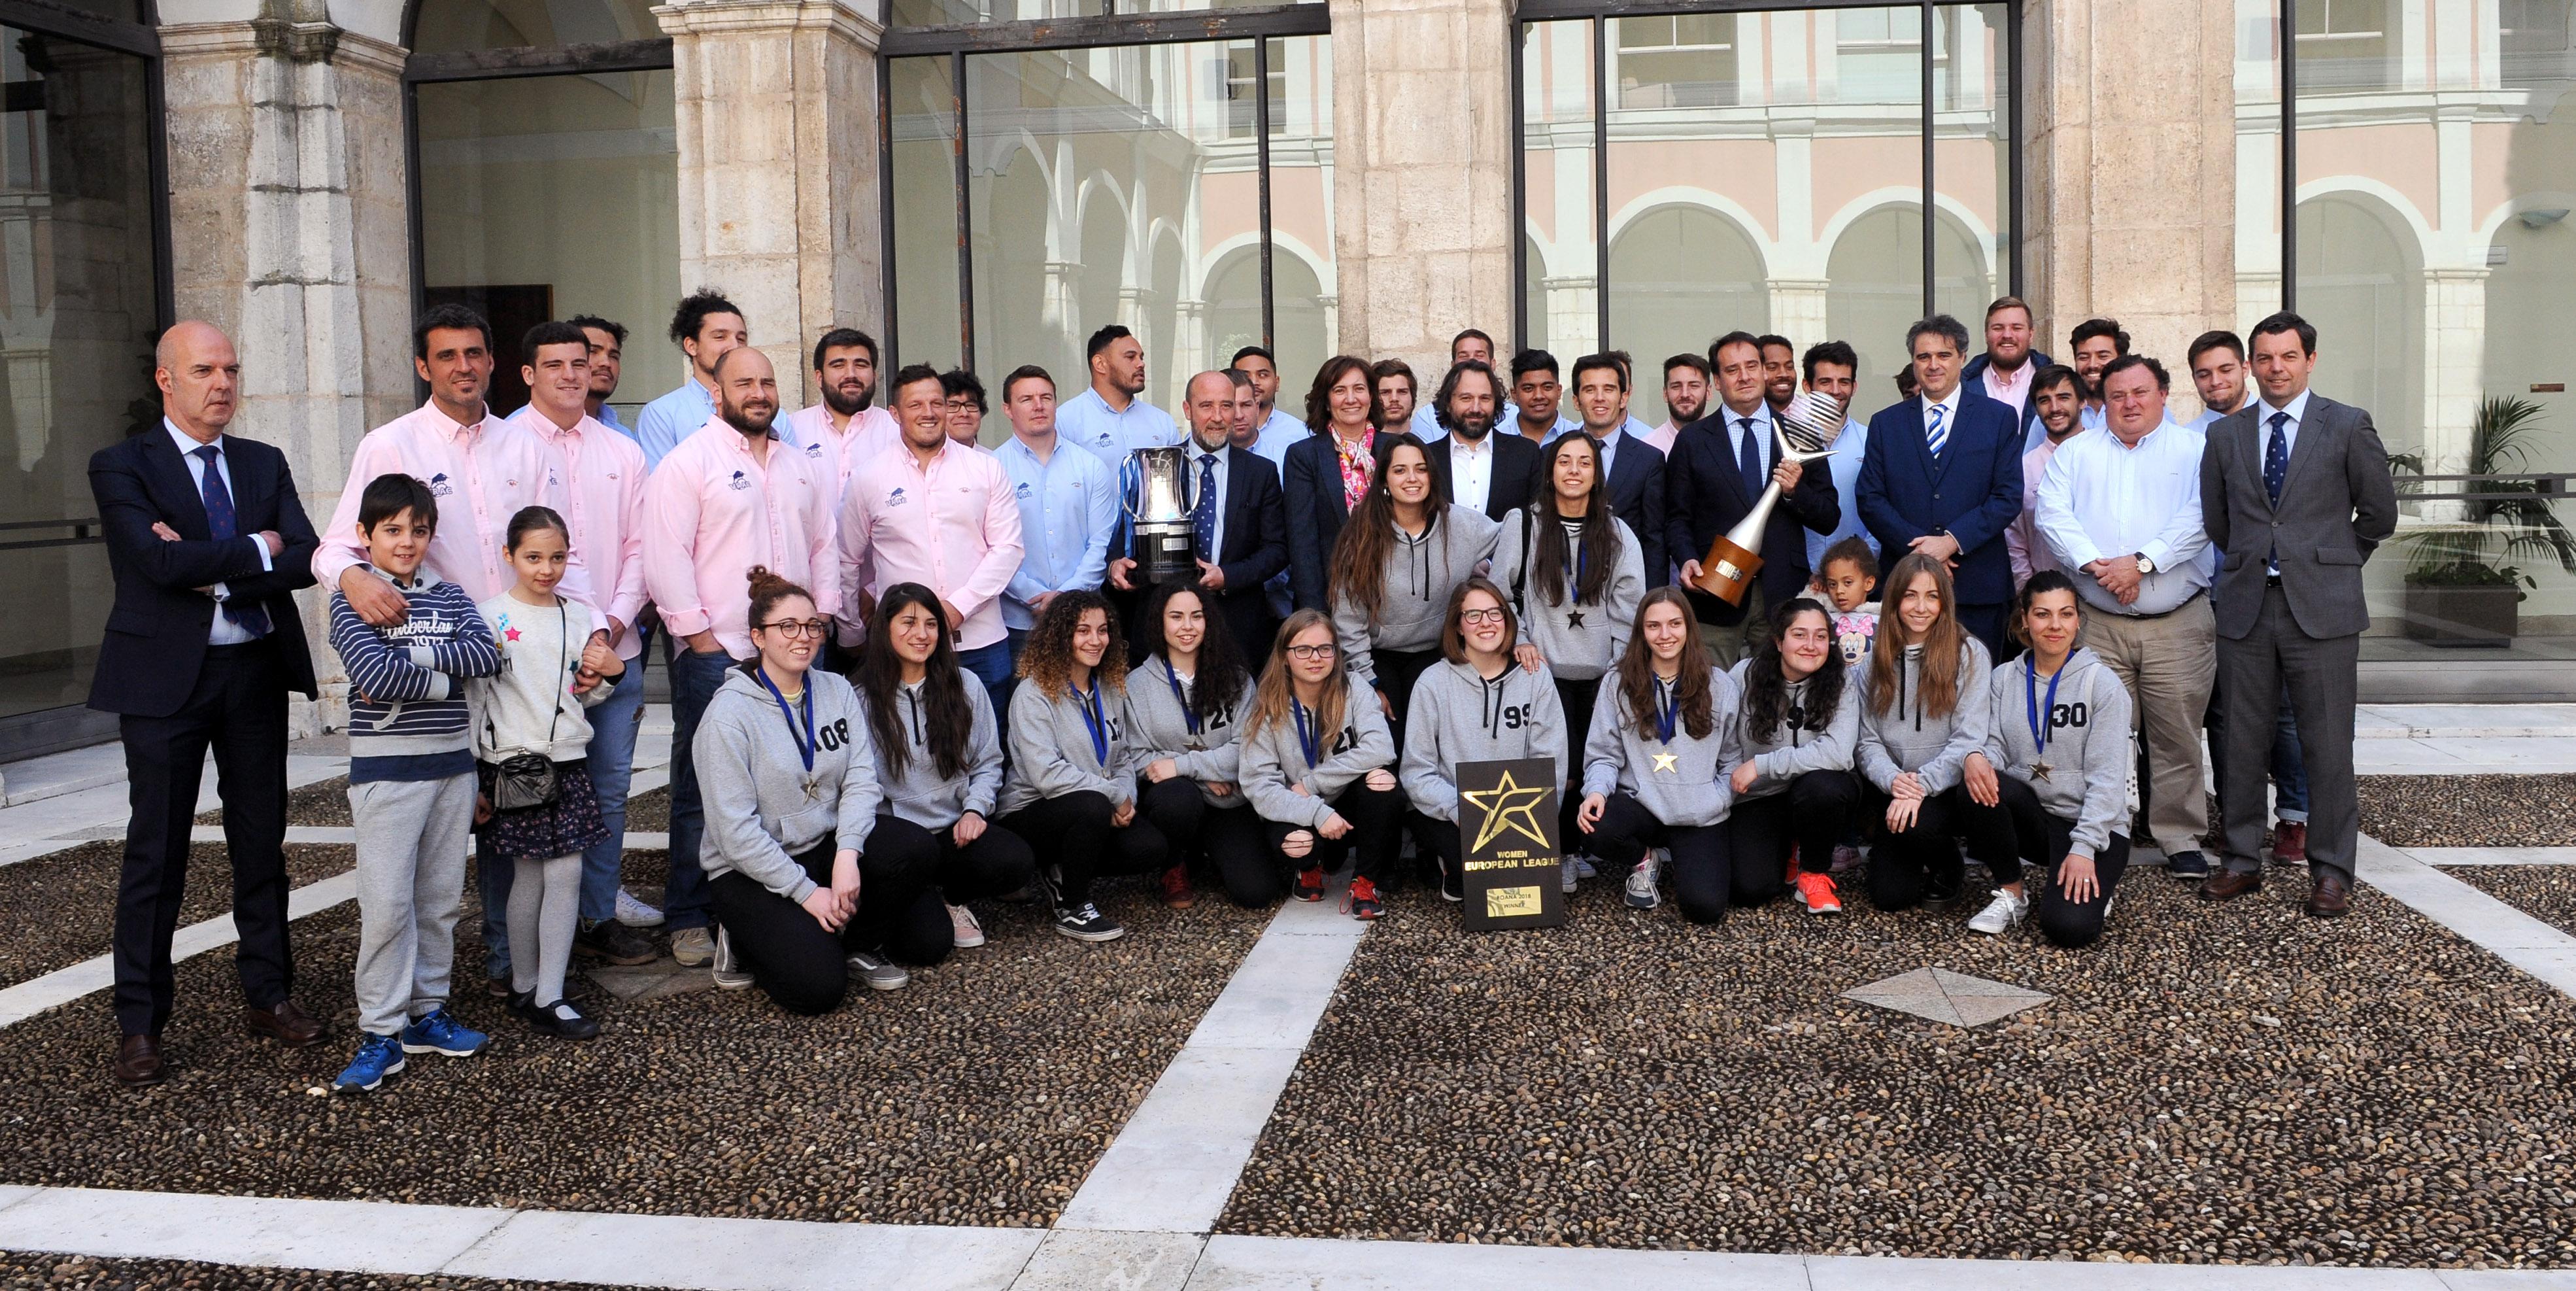 La Junta de Castilla y León reconoce al Avenida como ejemplo de trabajo en equipo y superación